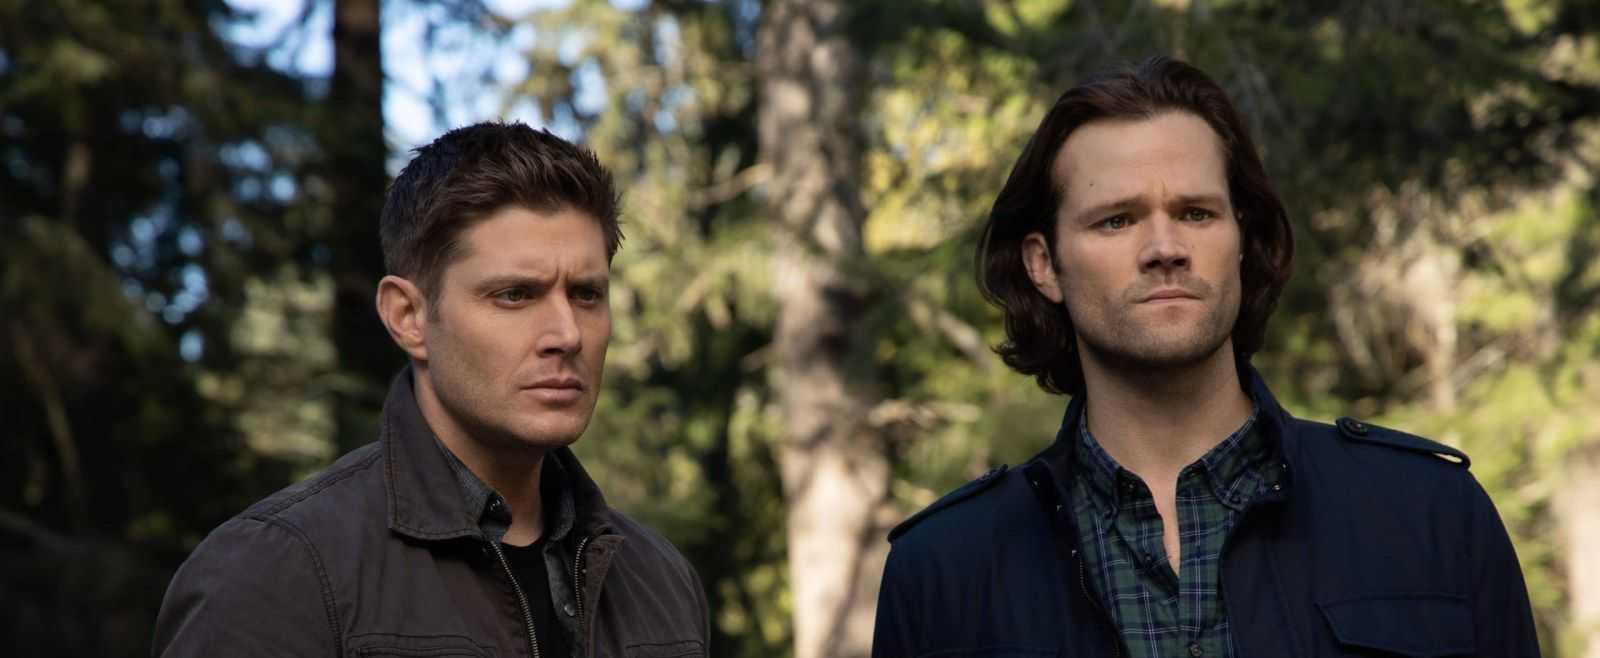 Precuela sobrenatural: Jensen Ackles y Jared Padalecki están en buenos términos